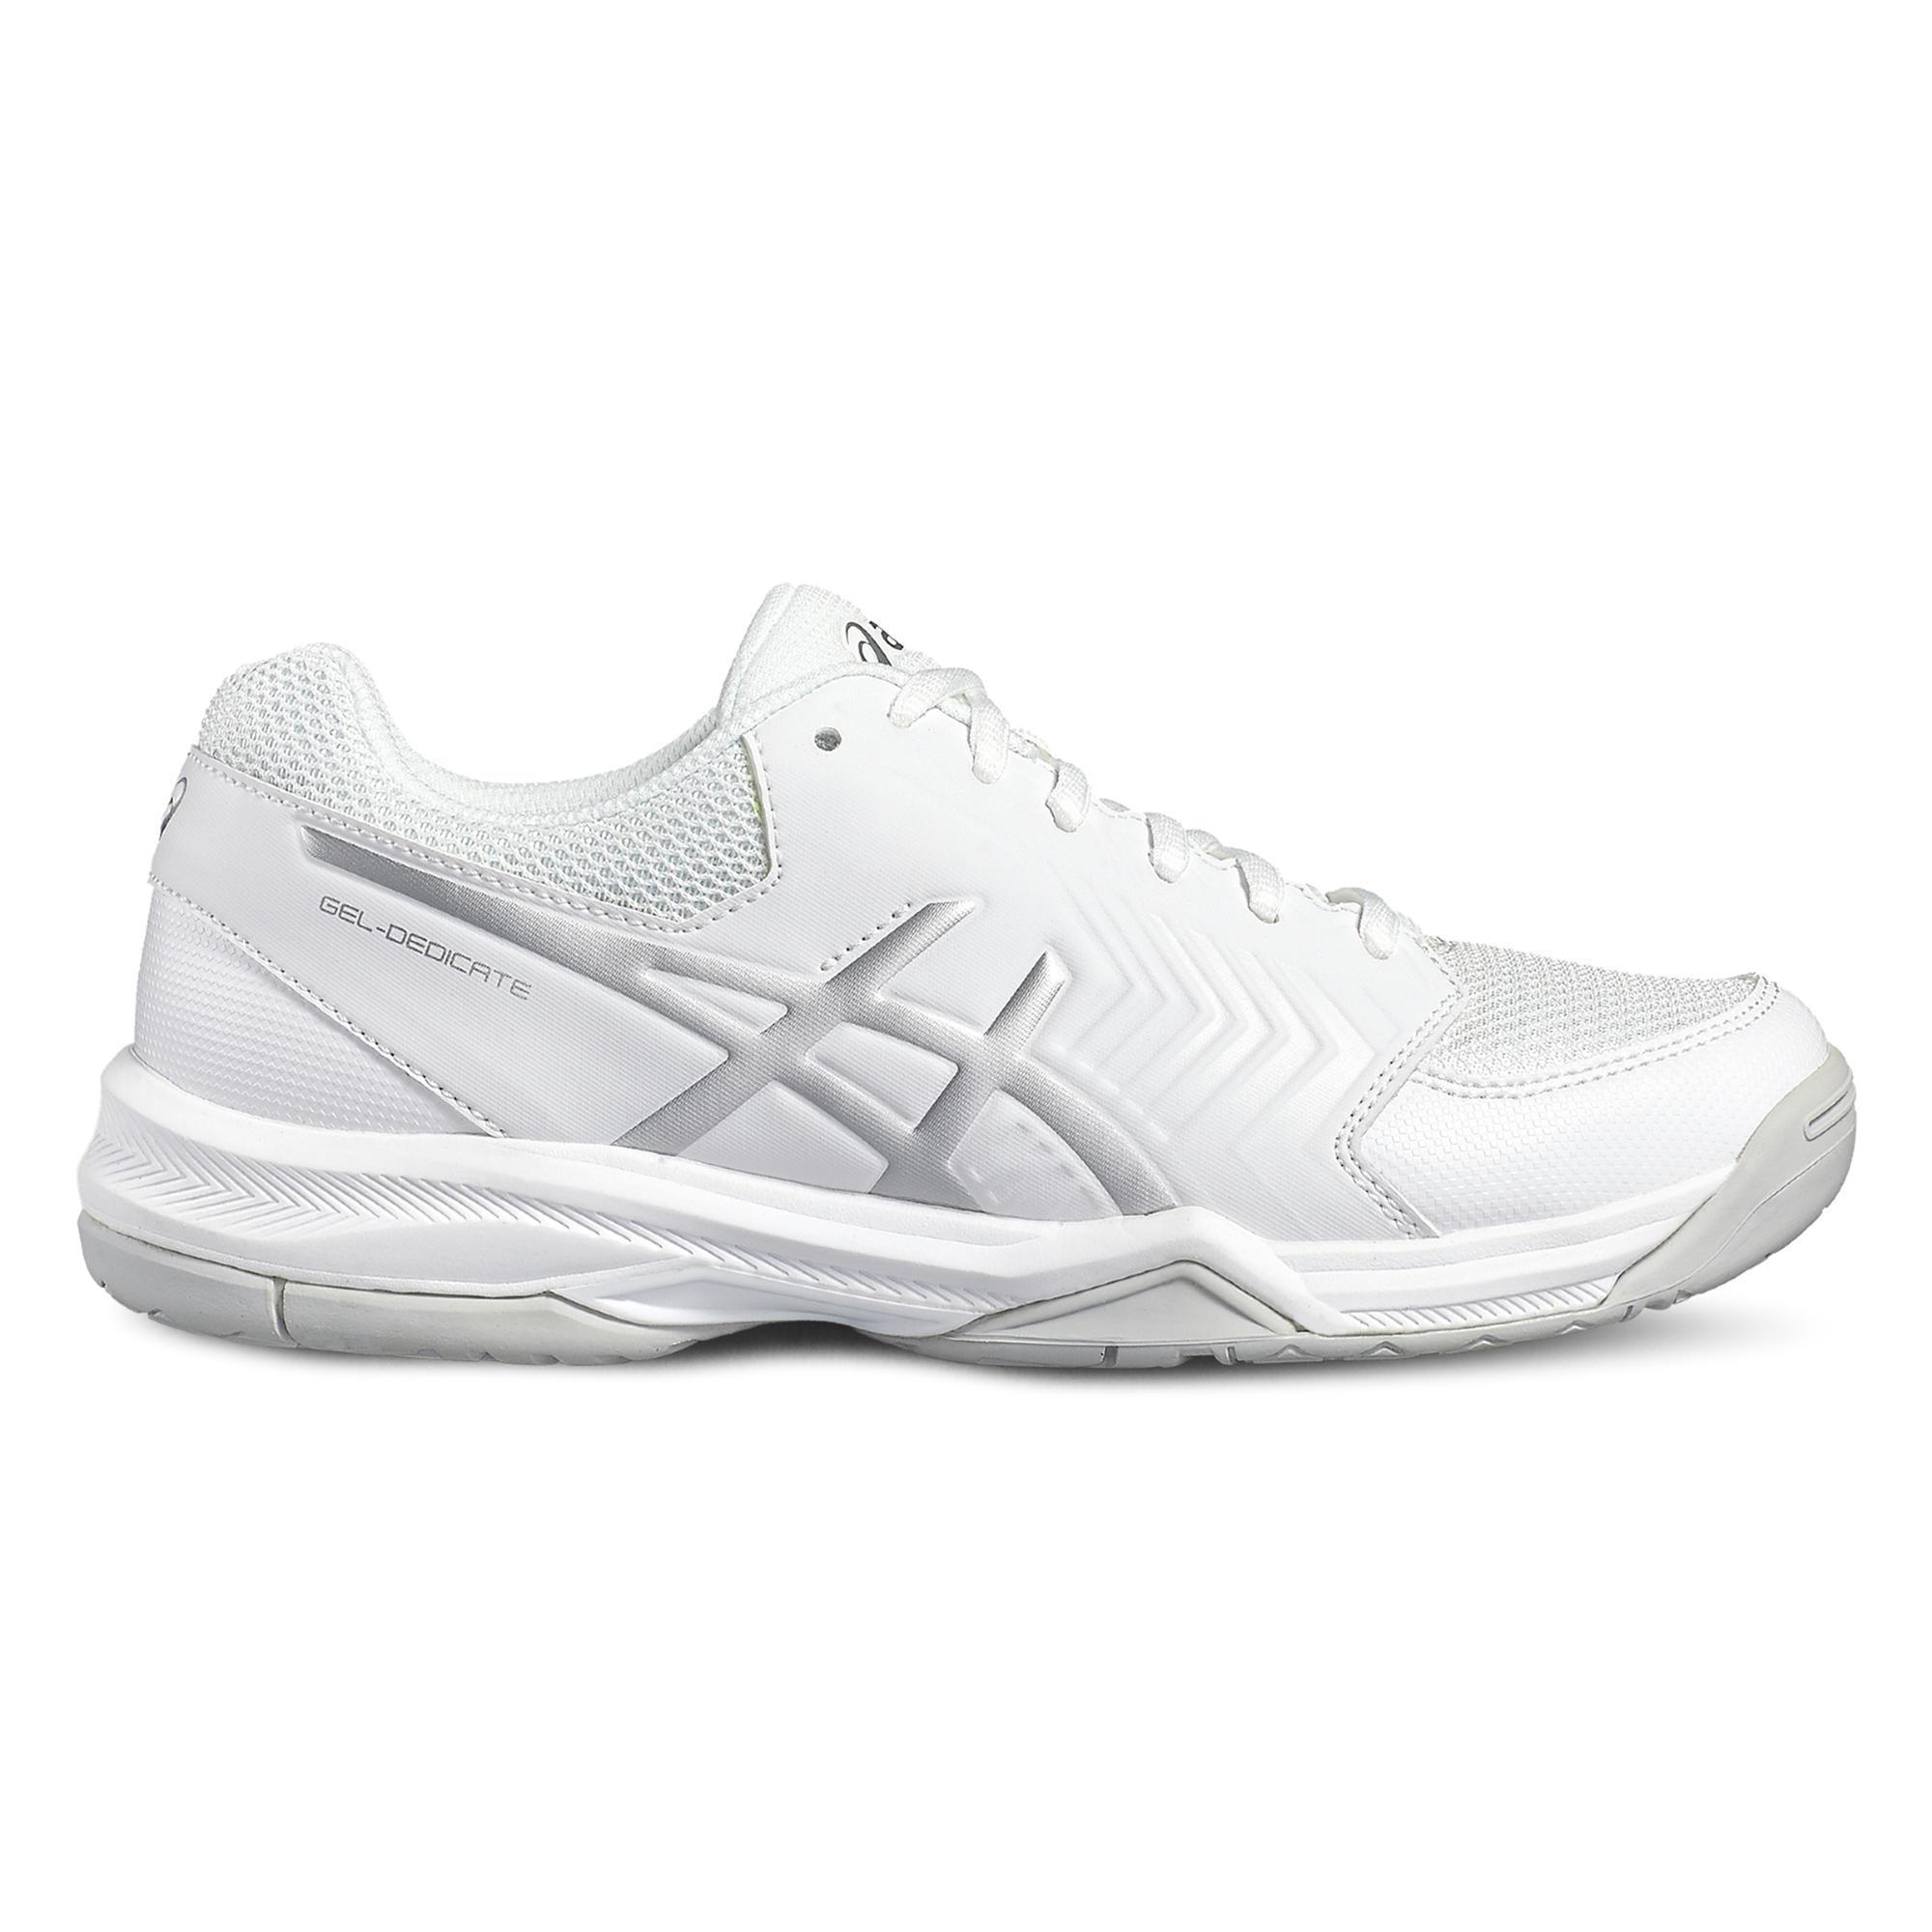 a4fb09c84fd Comprar Zapatillas de tenis online